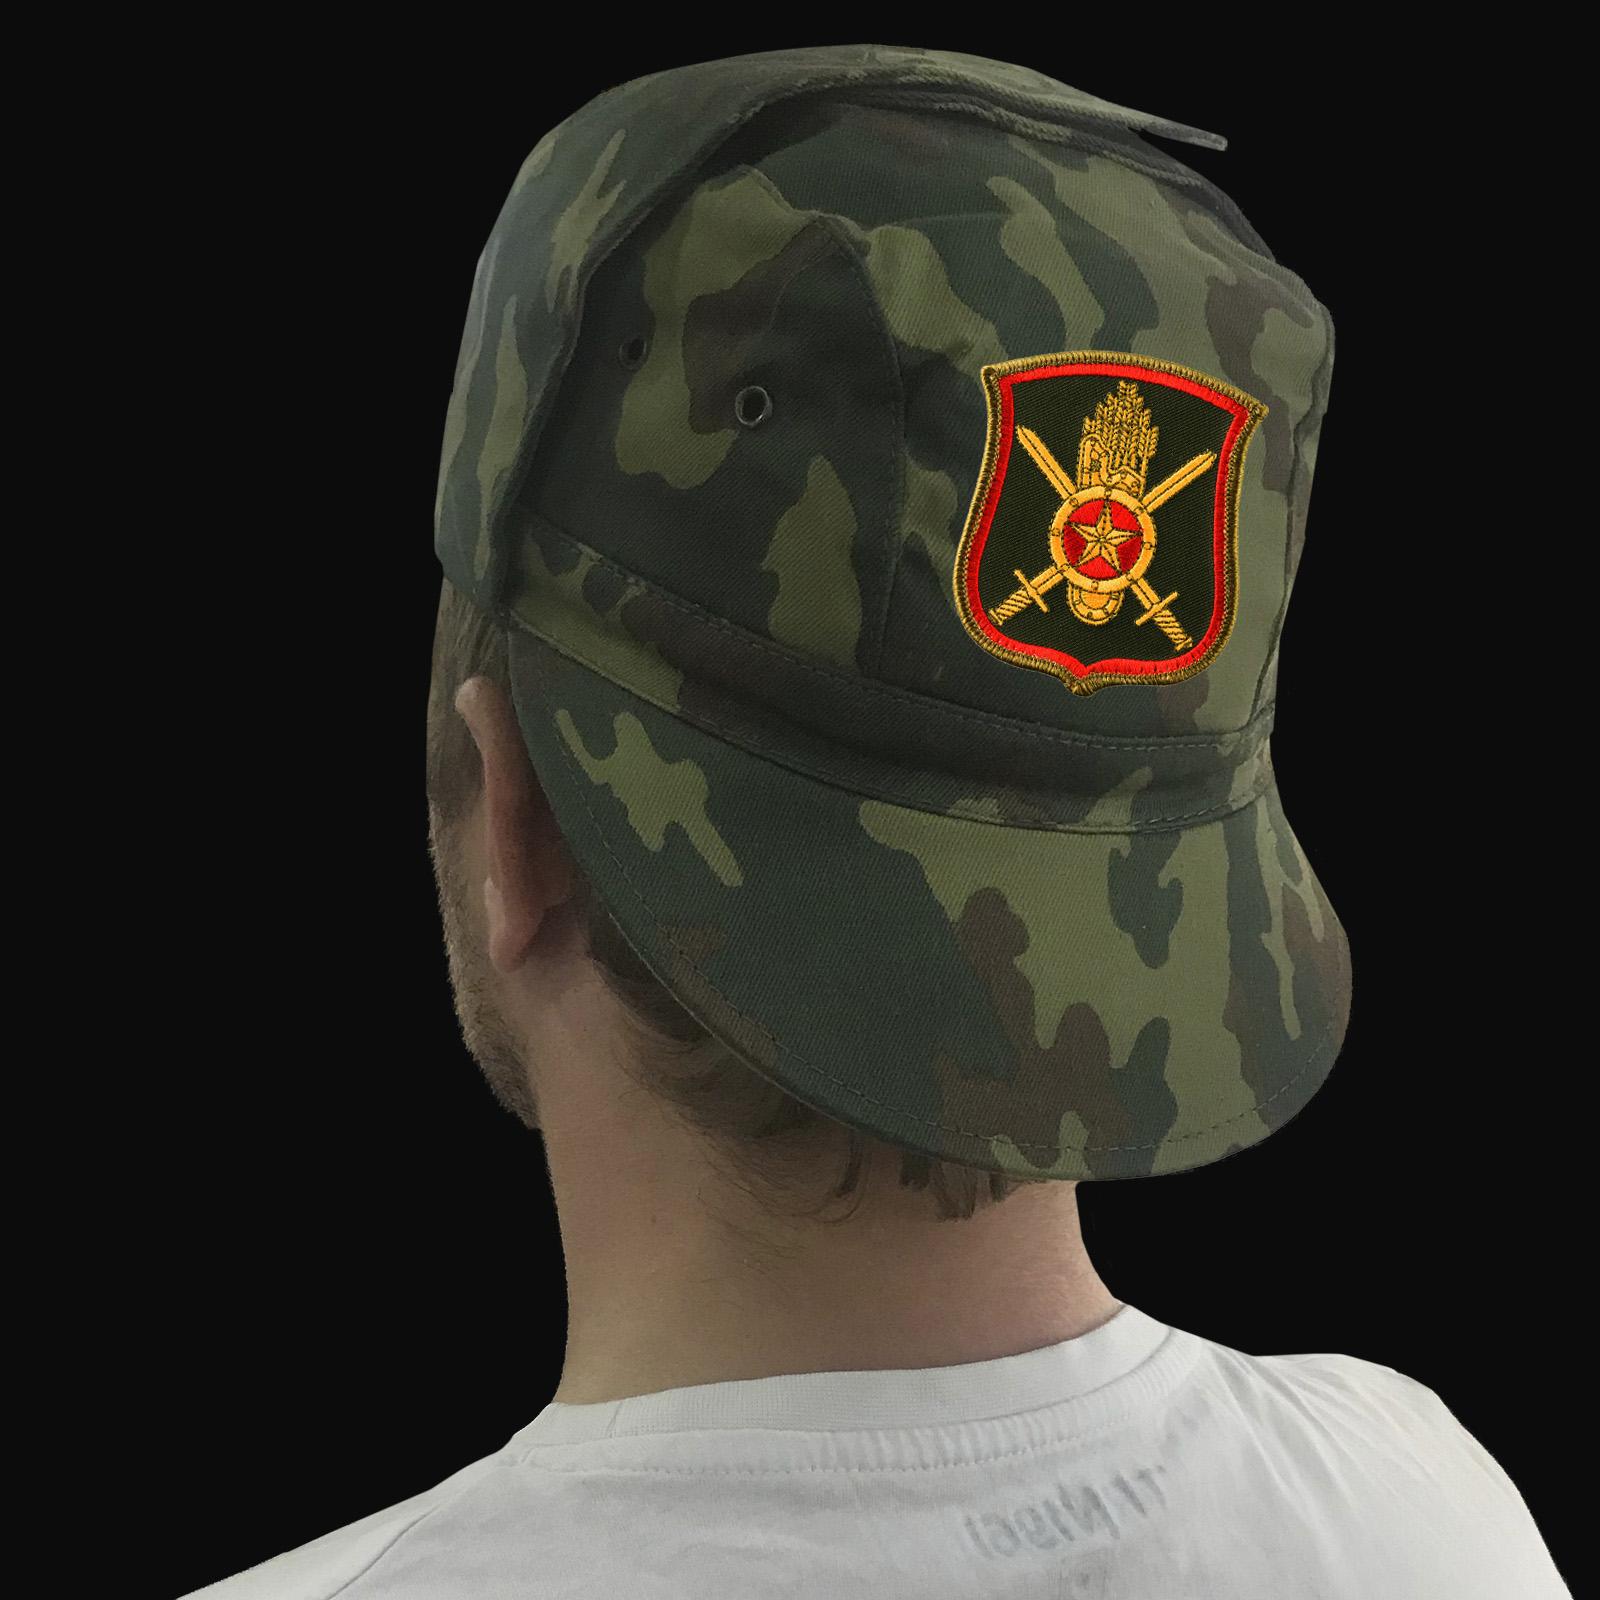 Мужские камуфляжные кепки с символикой Ракетных войск